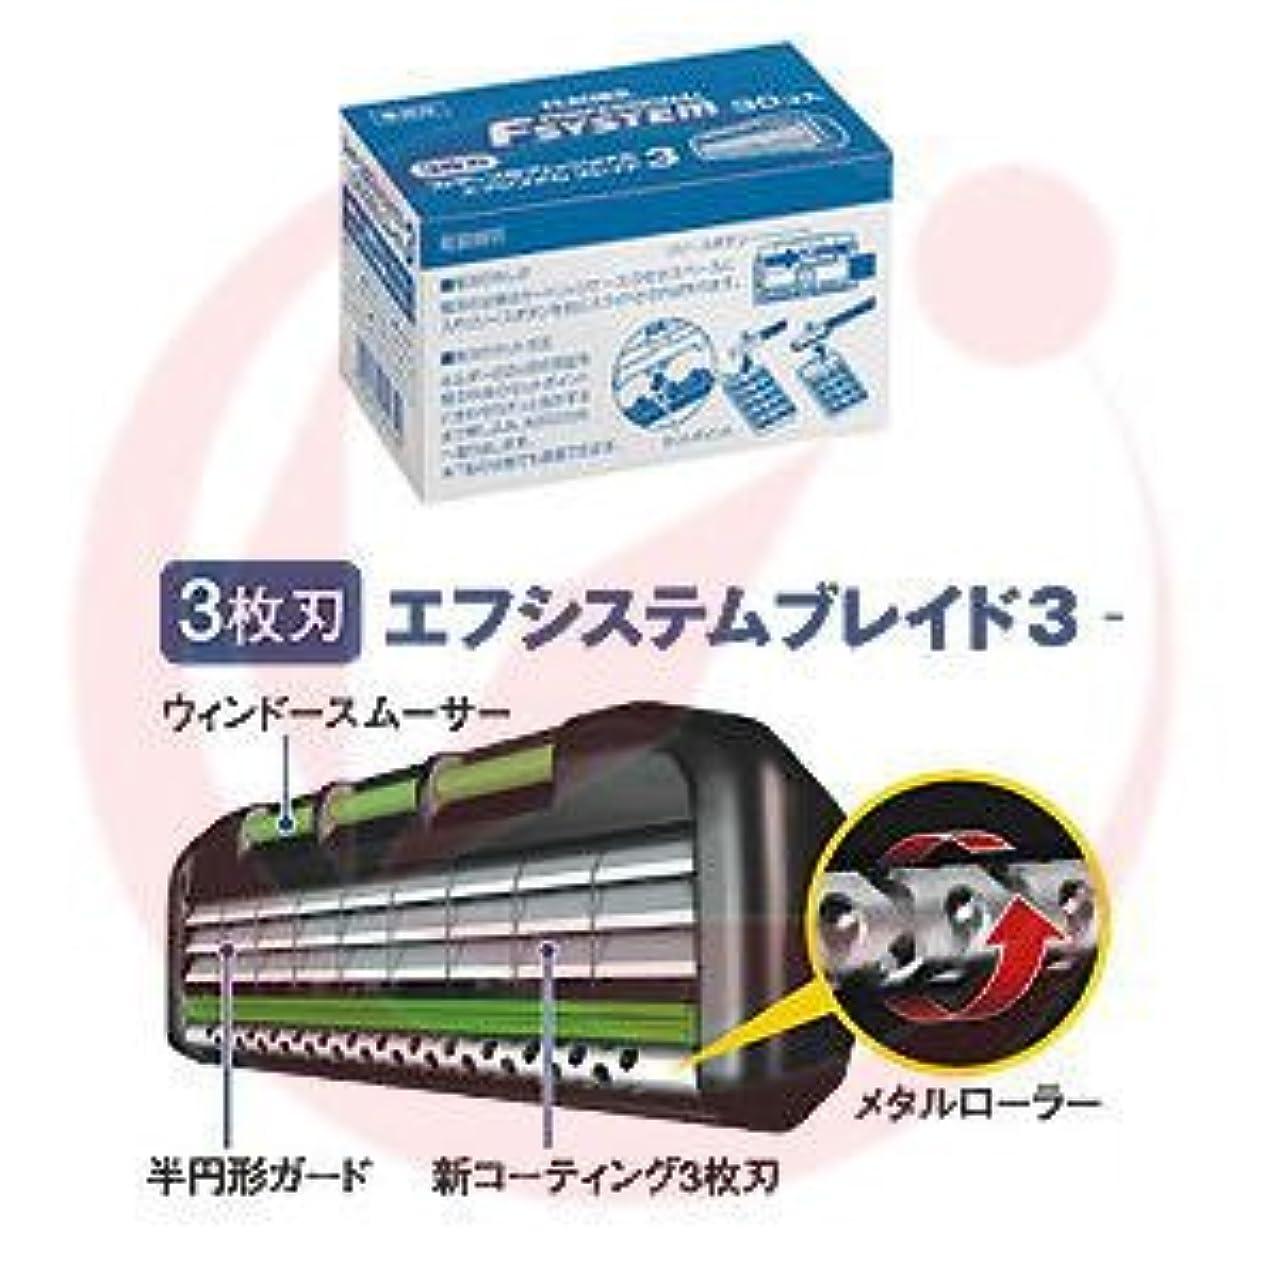 恋人ハンカチ週末フェザー プロフェッショナルエフシステムブレイド3